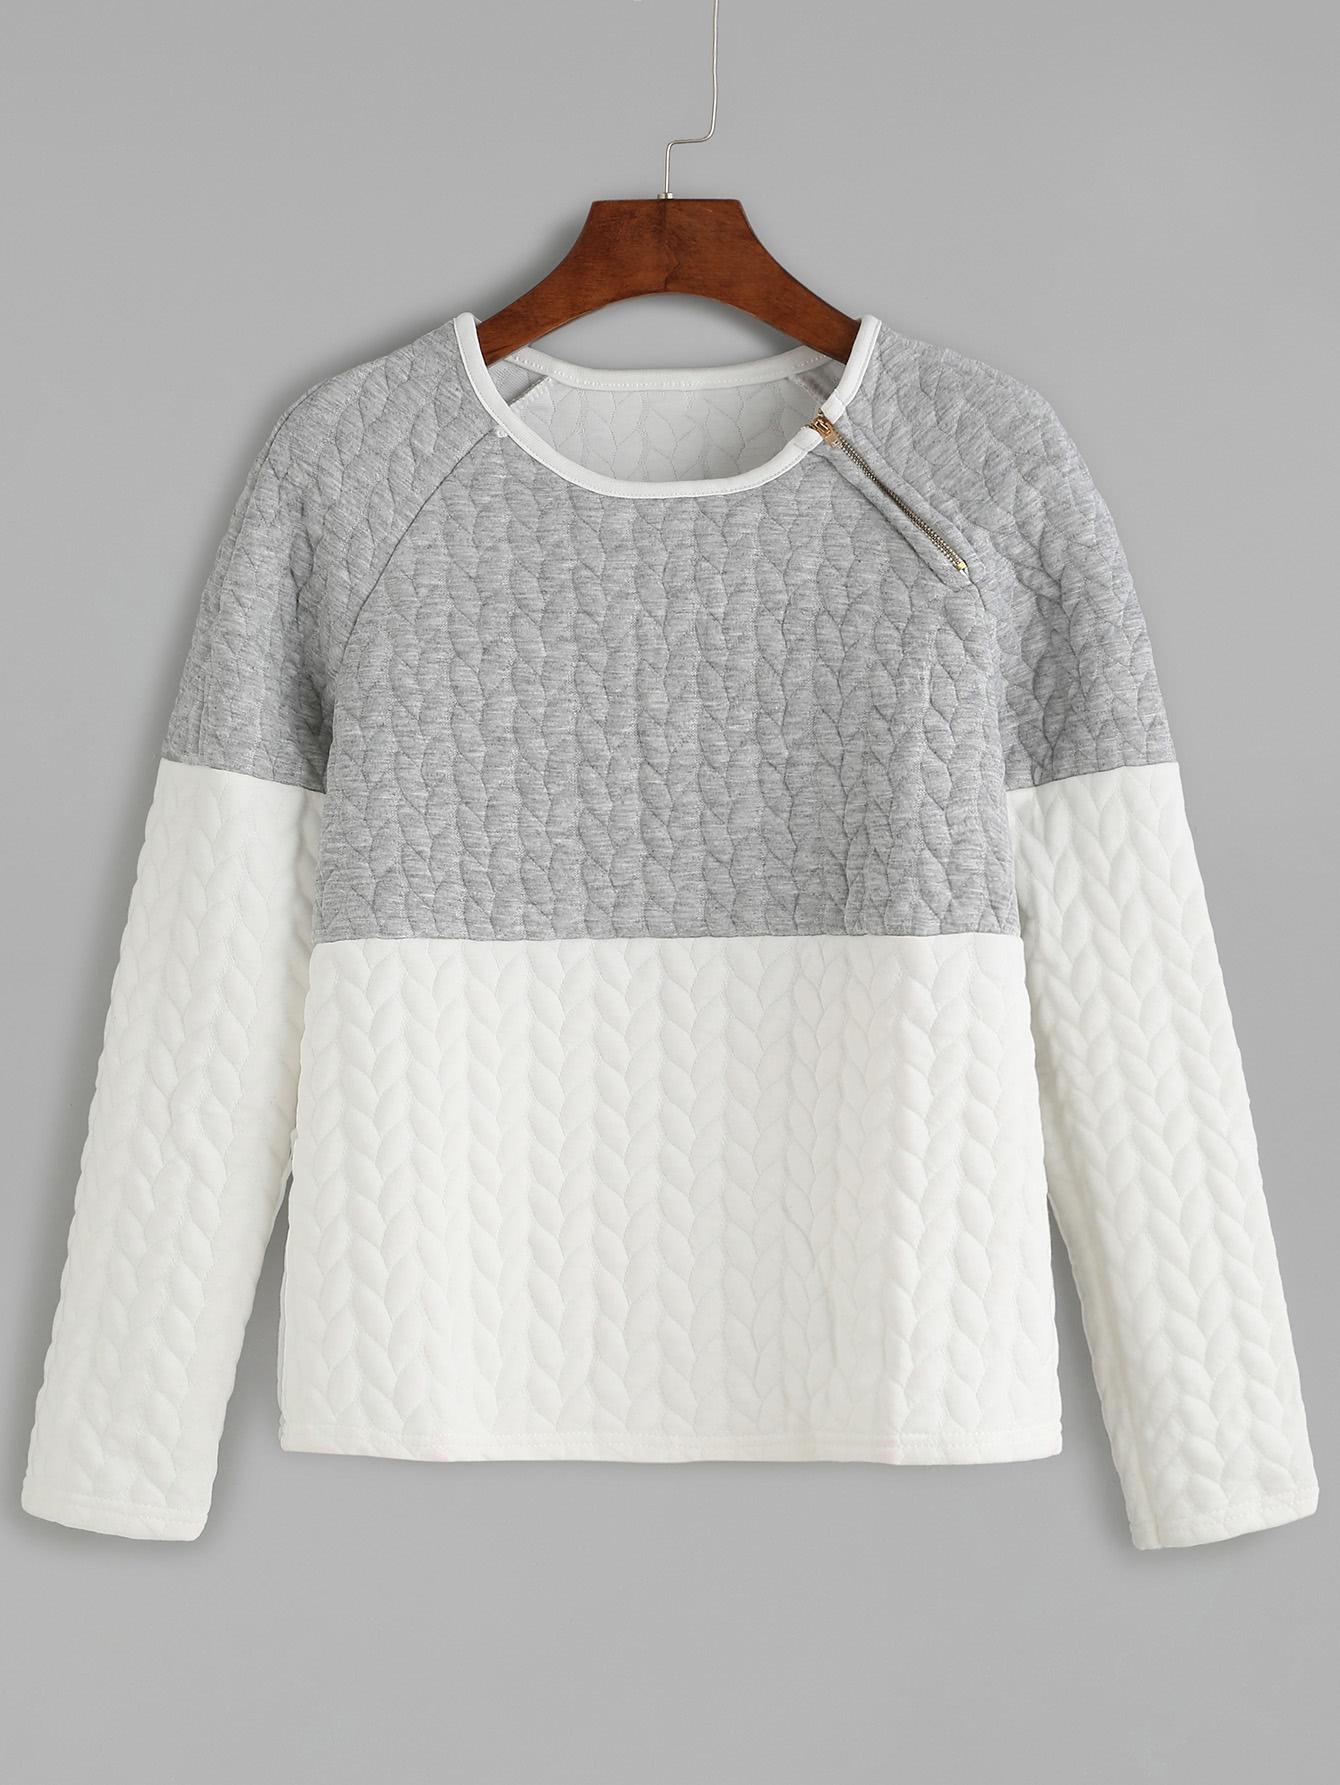 Color Block Zipper Trim Embossed Sweatshirt sweatshirt160913107